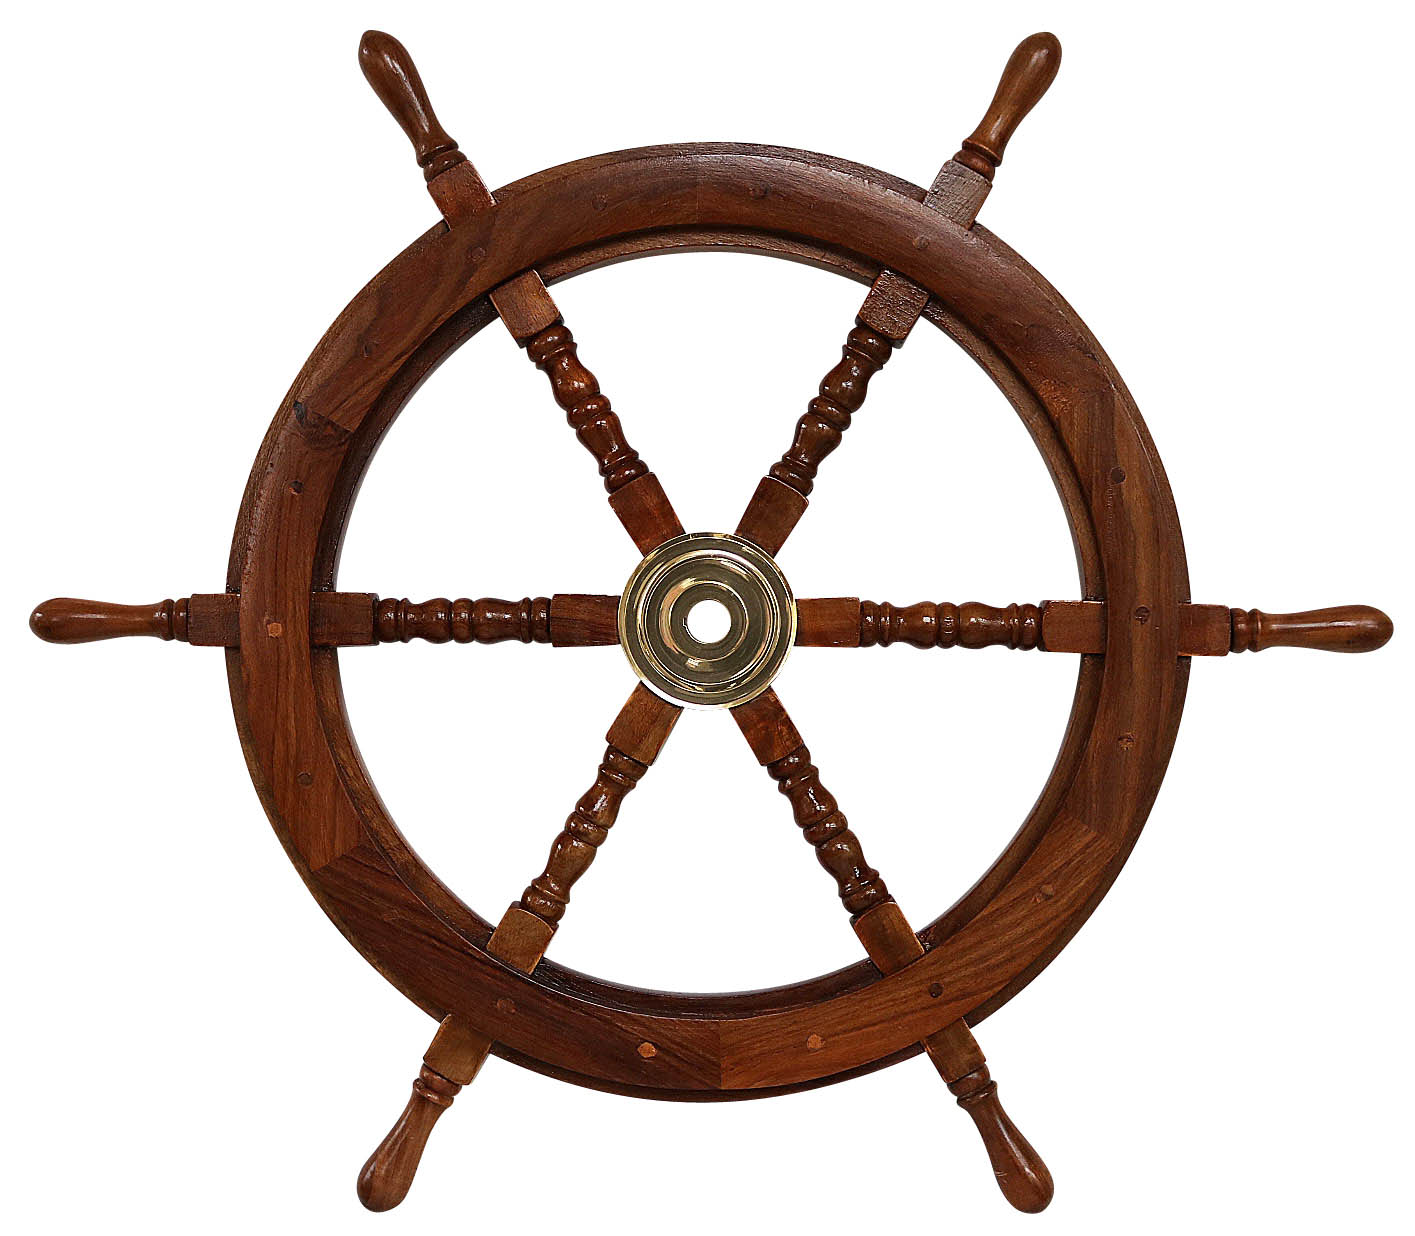 volante della nave legno ottone ruota barca 76 centimetri